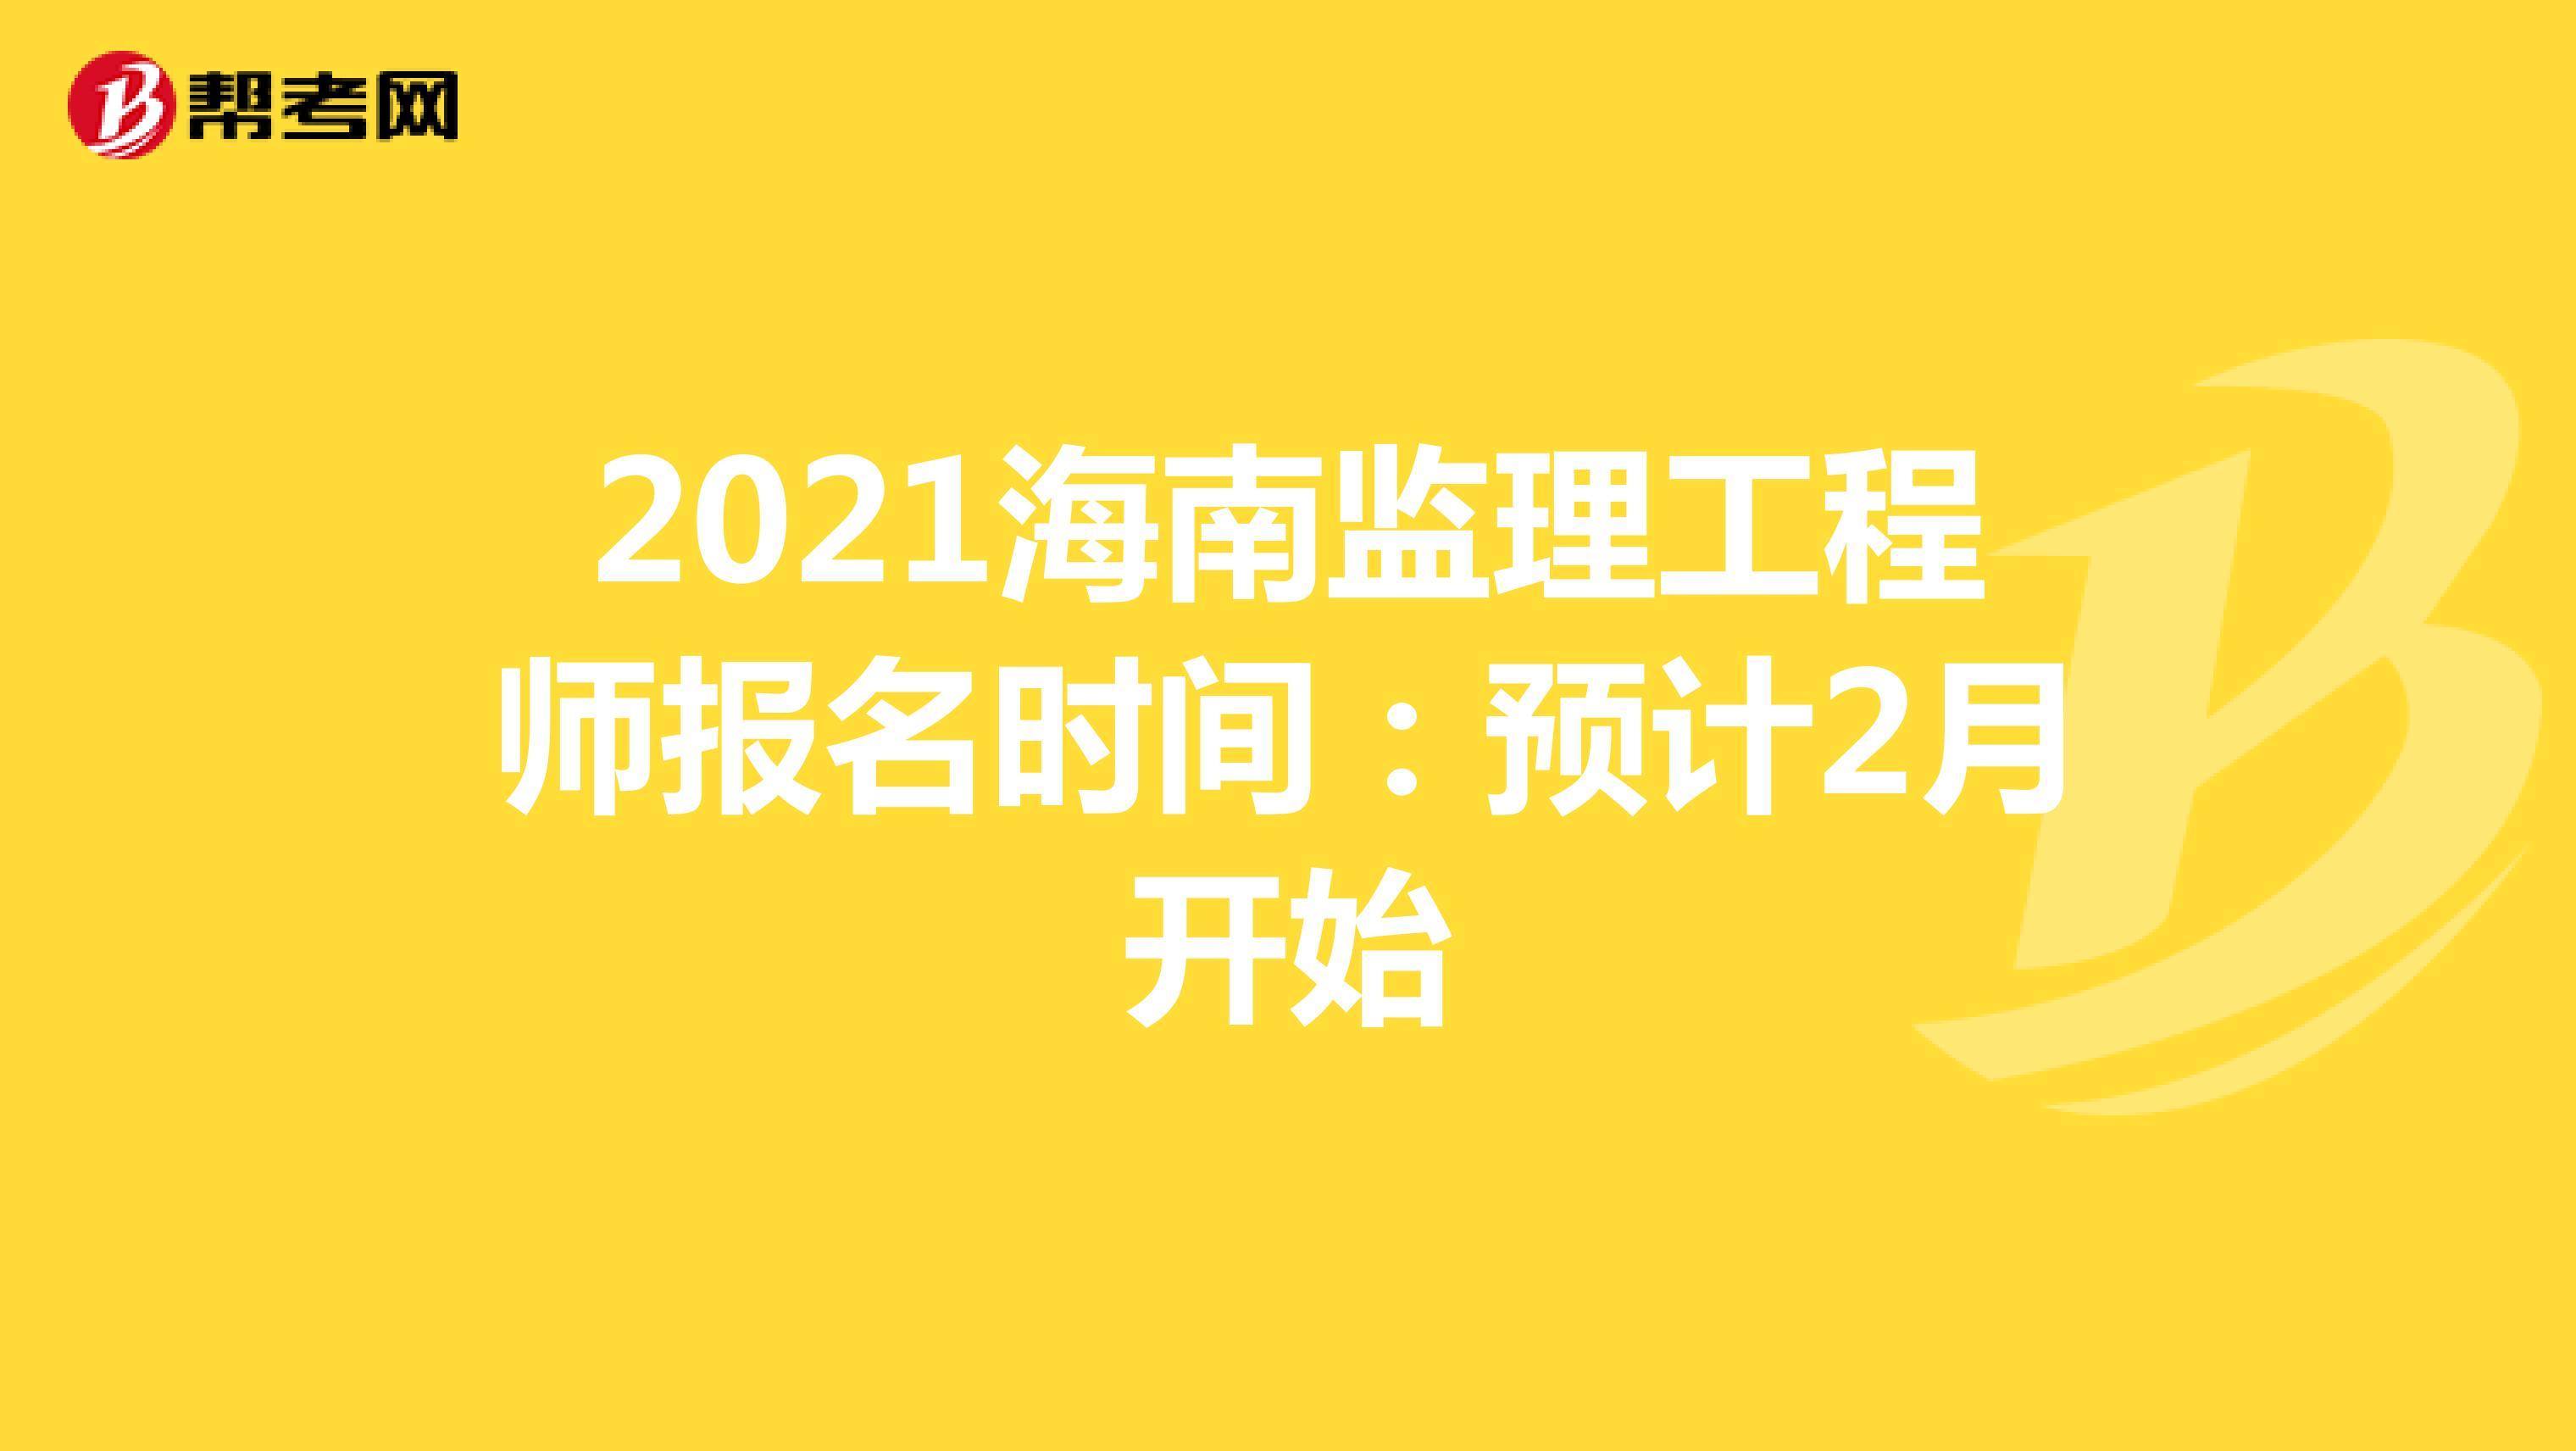 2021海南监理工程师报名时间:预计2月开始